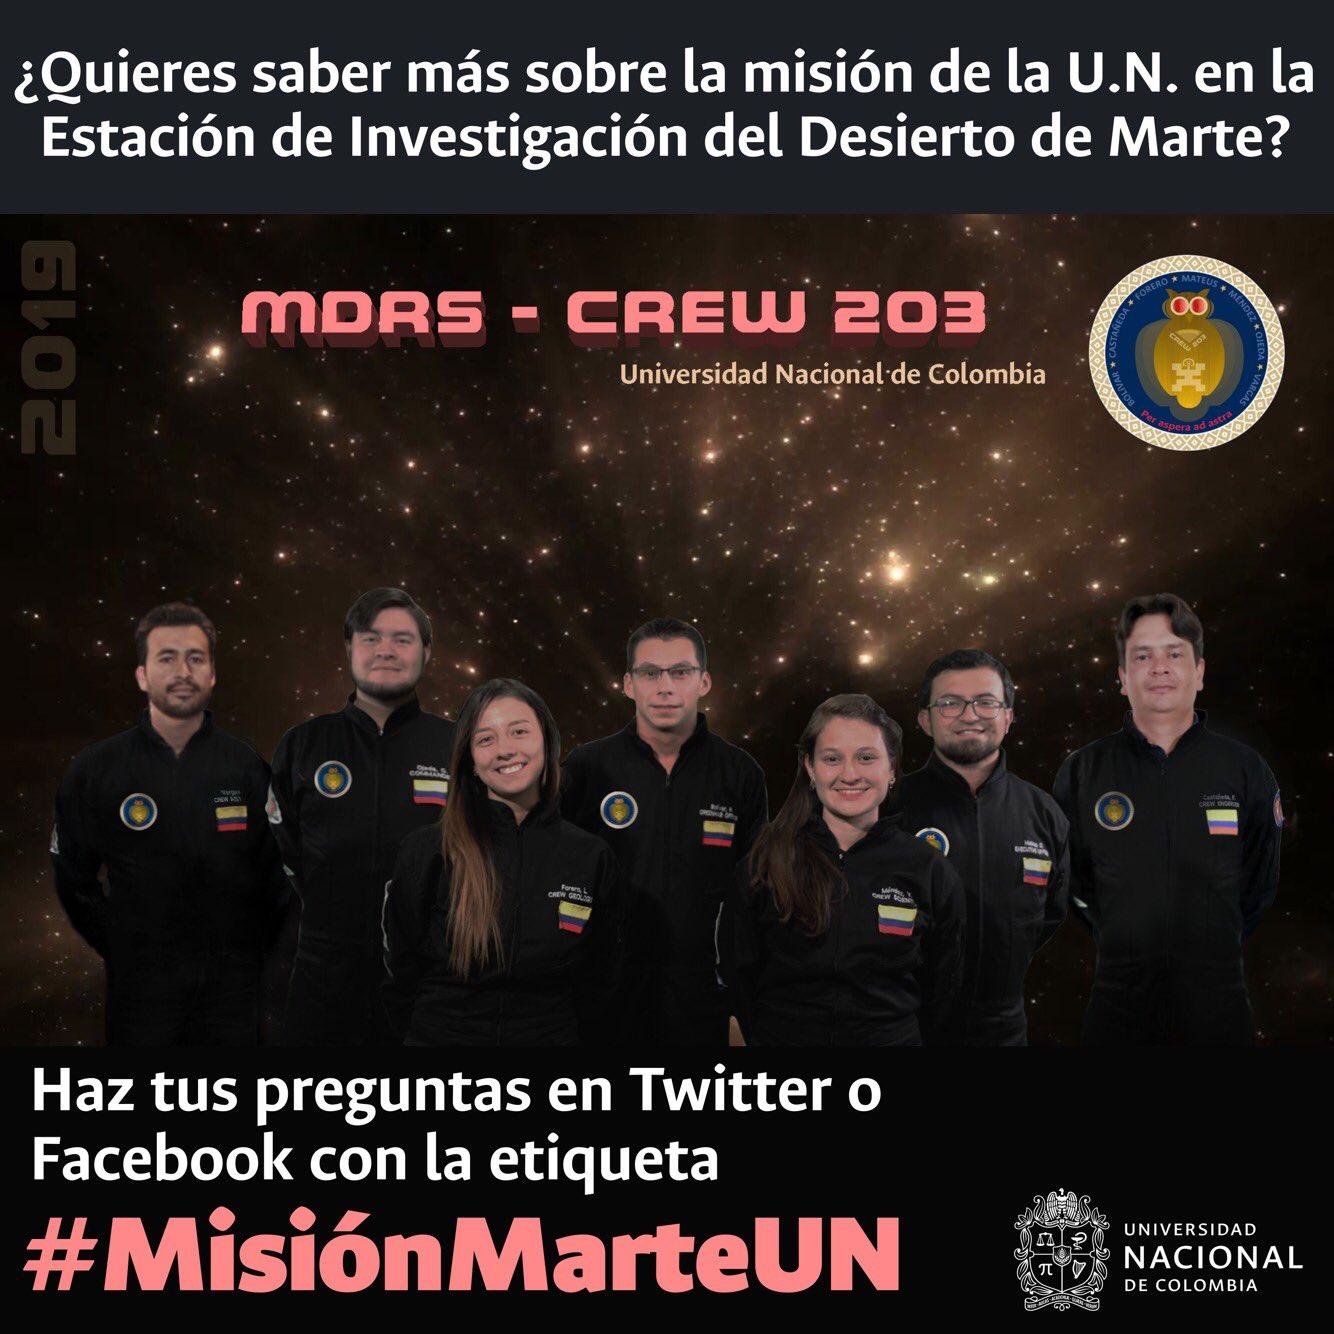 ¿Quieres saber sobre la misión de la U.N. en la                 Estación de Investigación del Desierto de Marte? ¡Haz                 tus preguntas al #Crew203MDRS con la etiqueta                 #MisiónMarteUN en Twitter o Facebook!